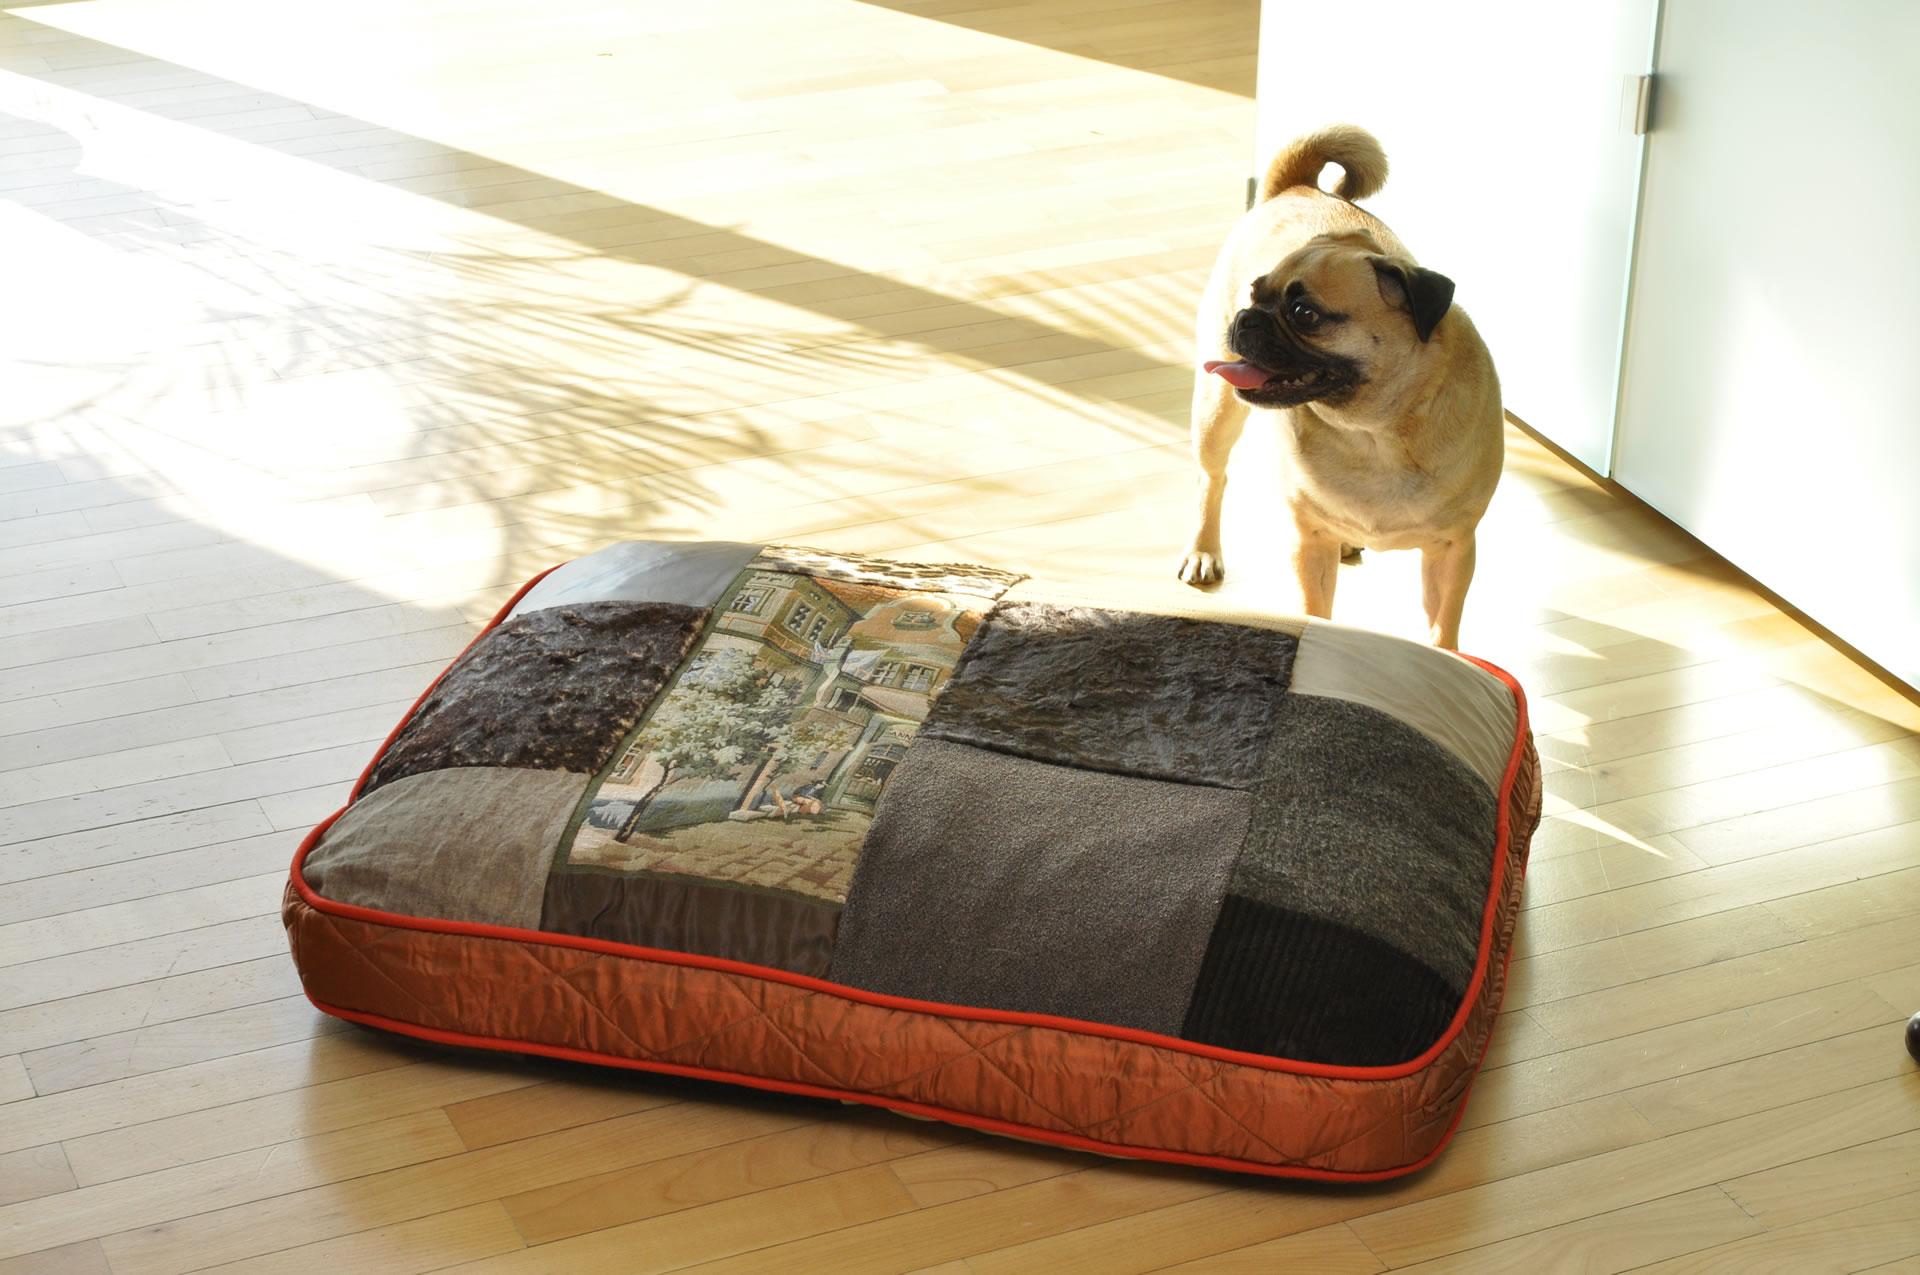 orthop disches hundekissen von pet interios. Black Bedroom Furniture Sets. Home Design Ideas